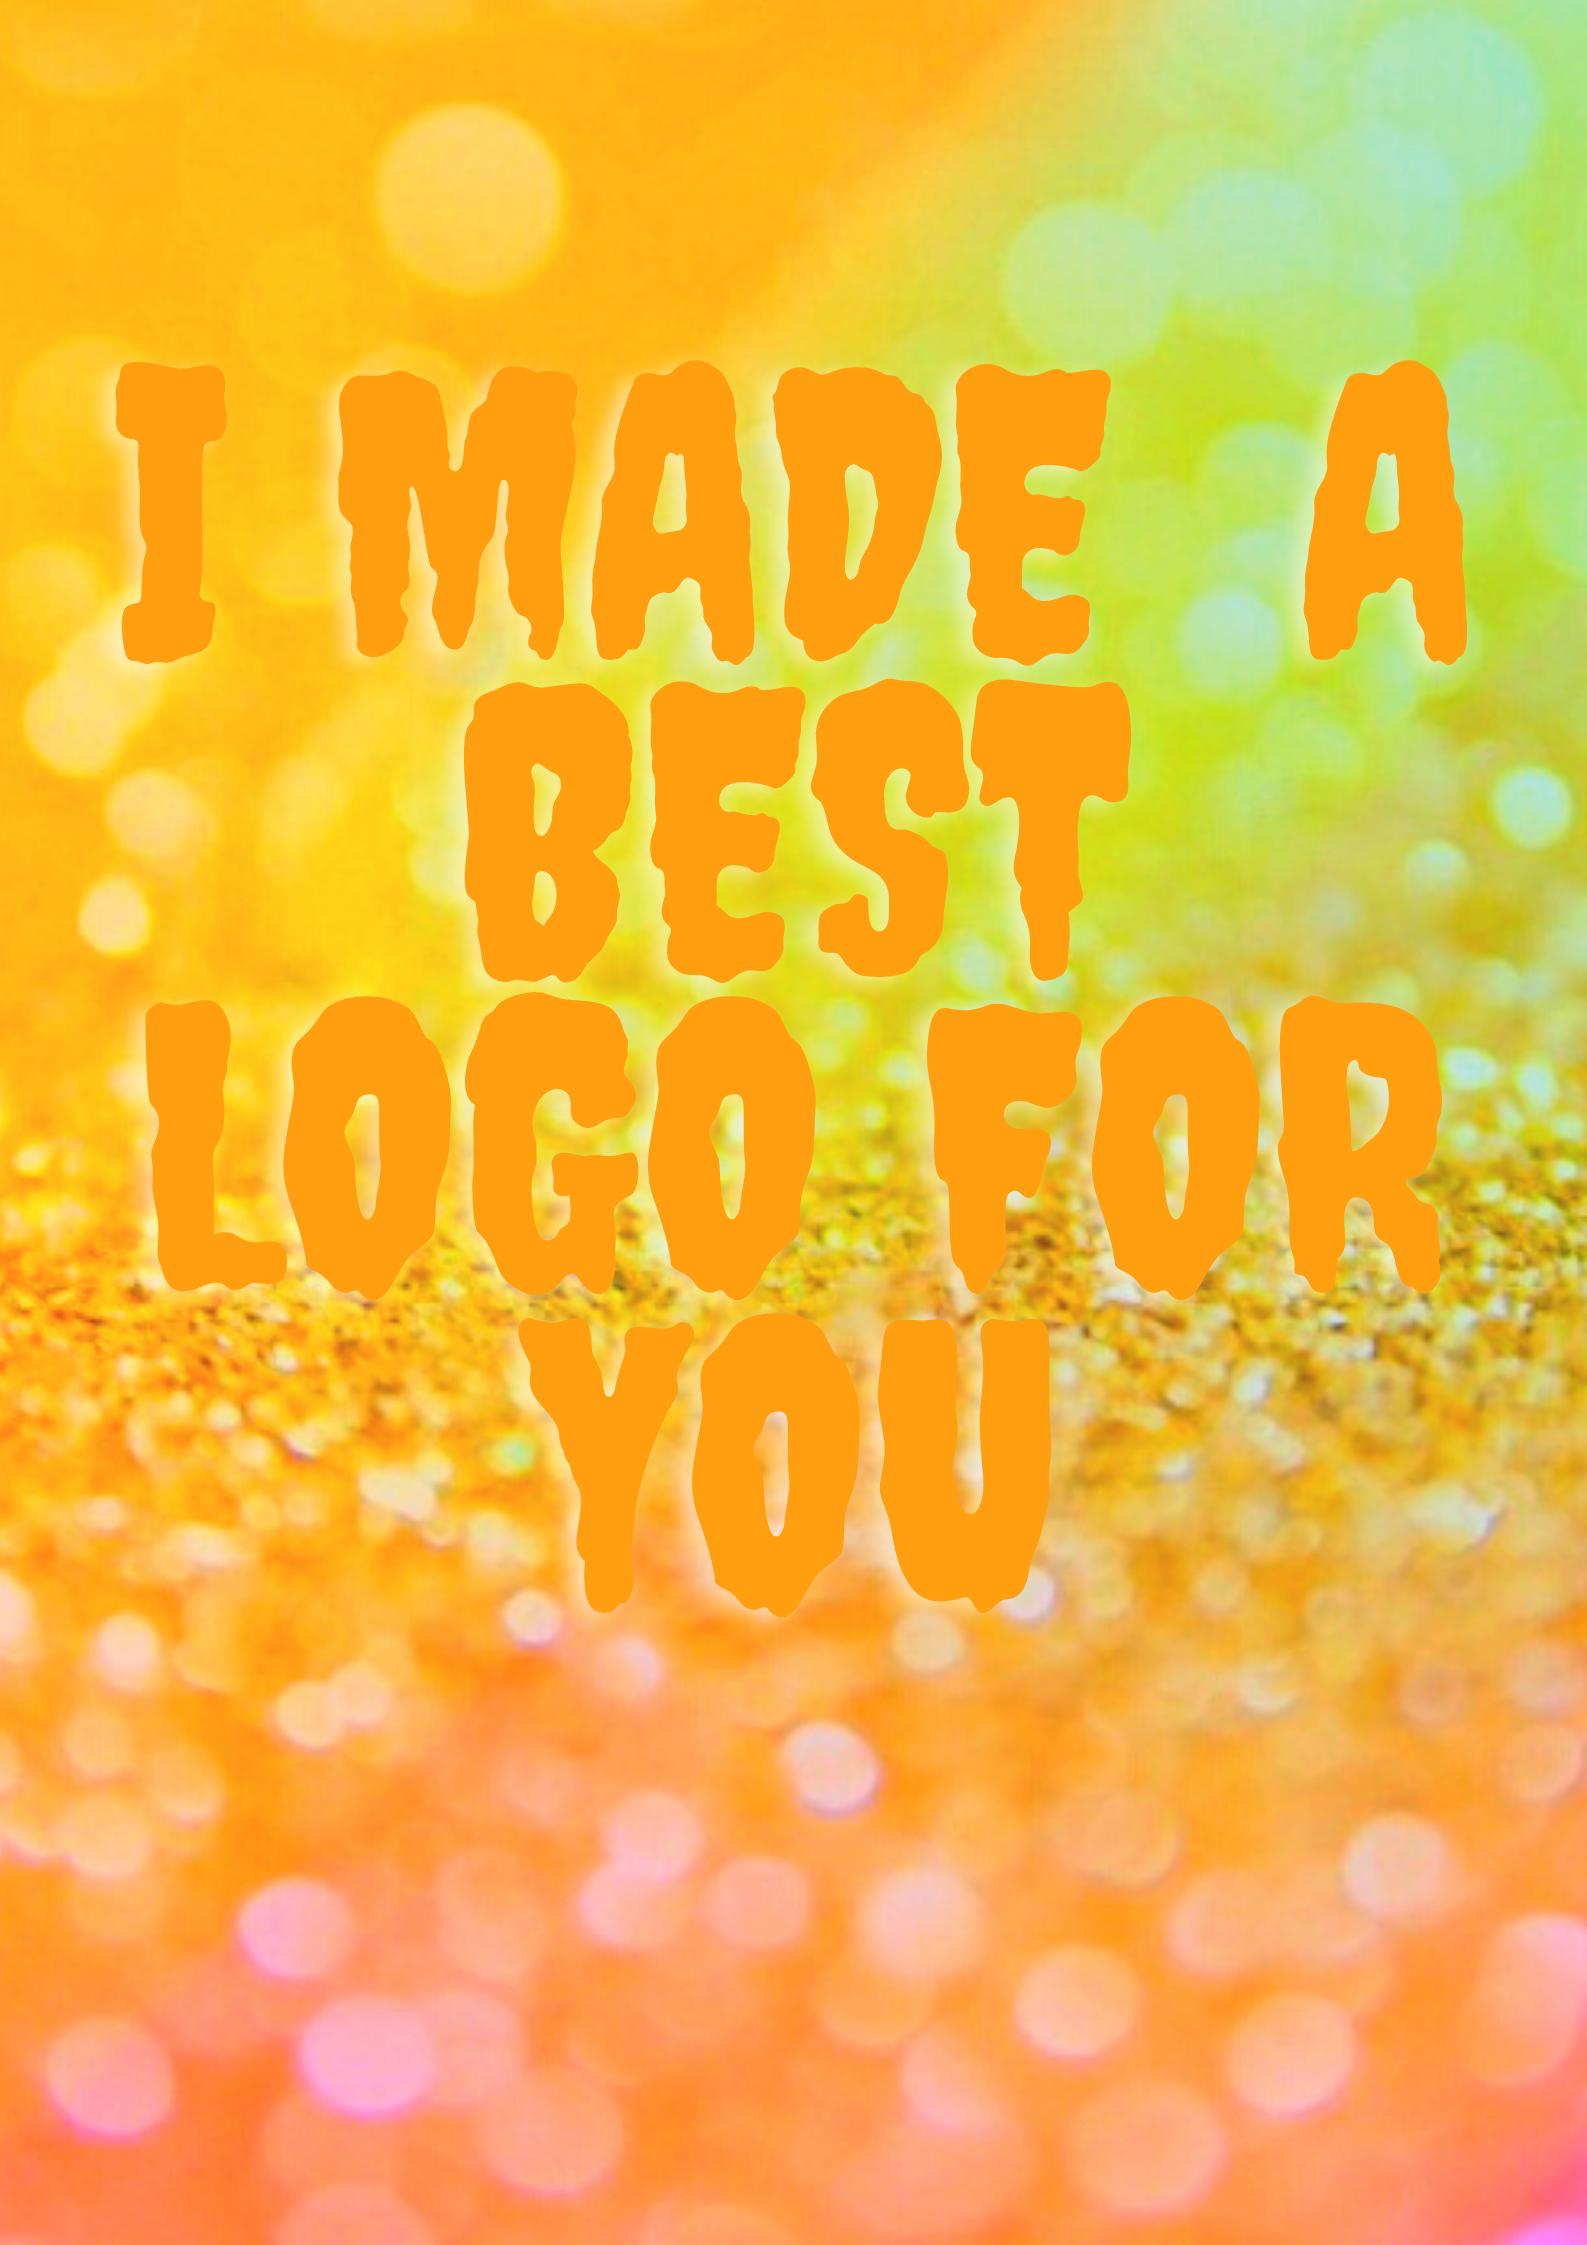 Expert of great logo designing